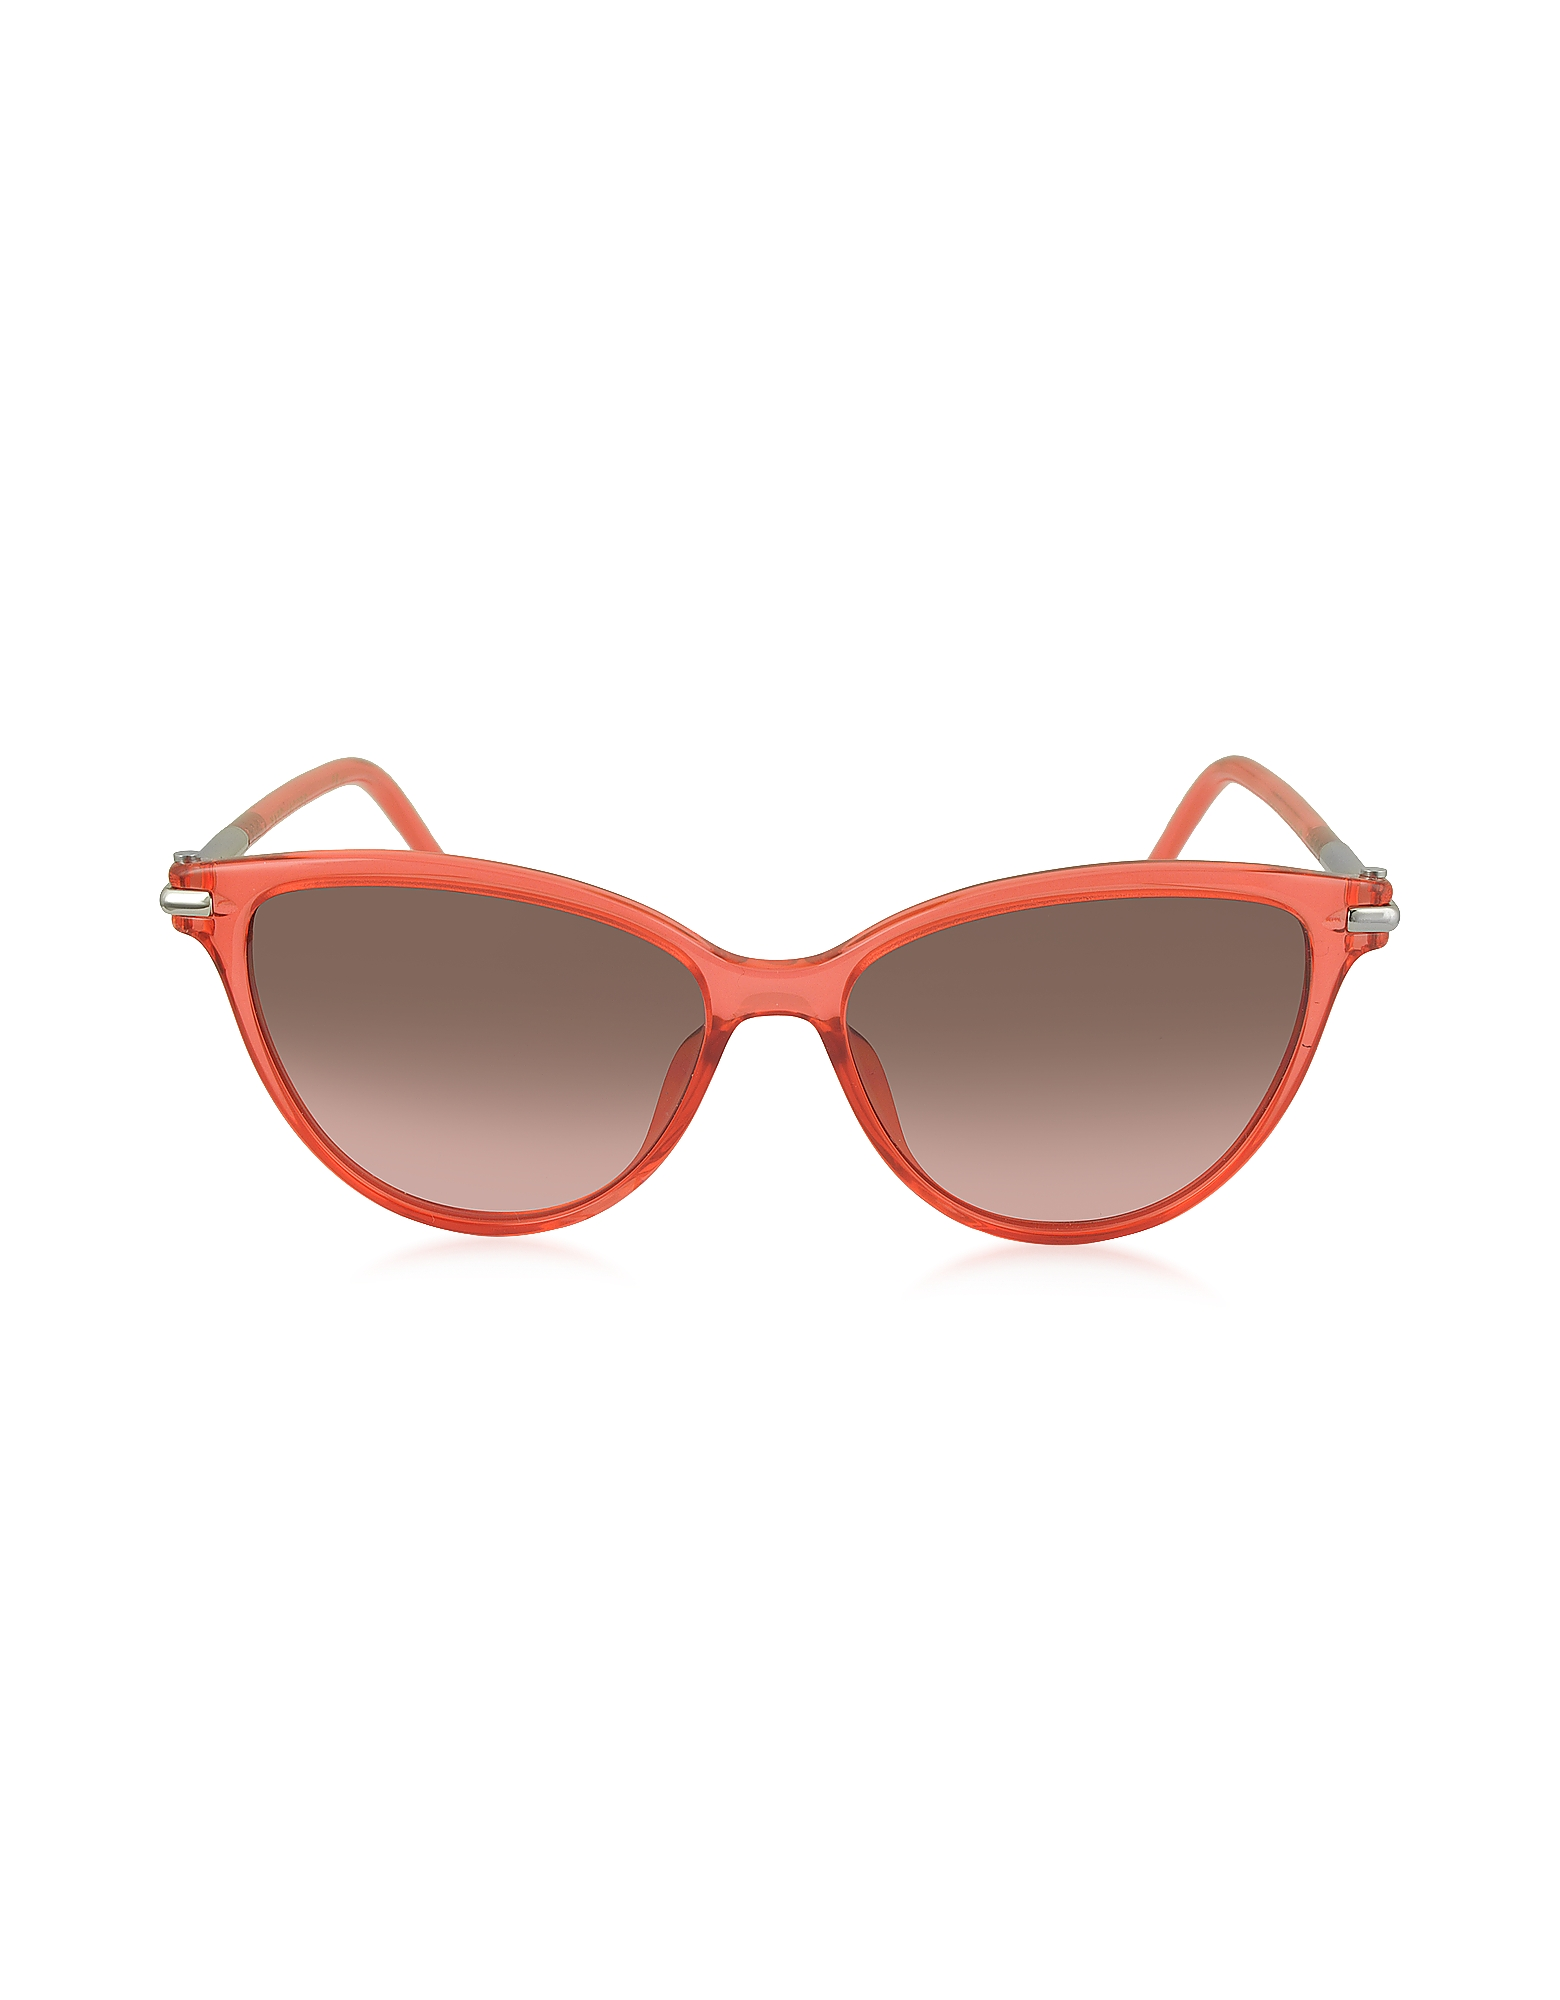 MARC 47/S TOTFX - Коралловые Женские Солнечные Очки в Оправе Кошачий Глаз из Ацетата